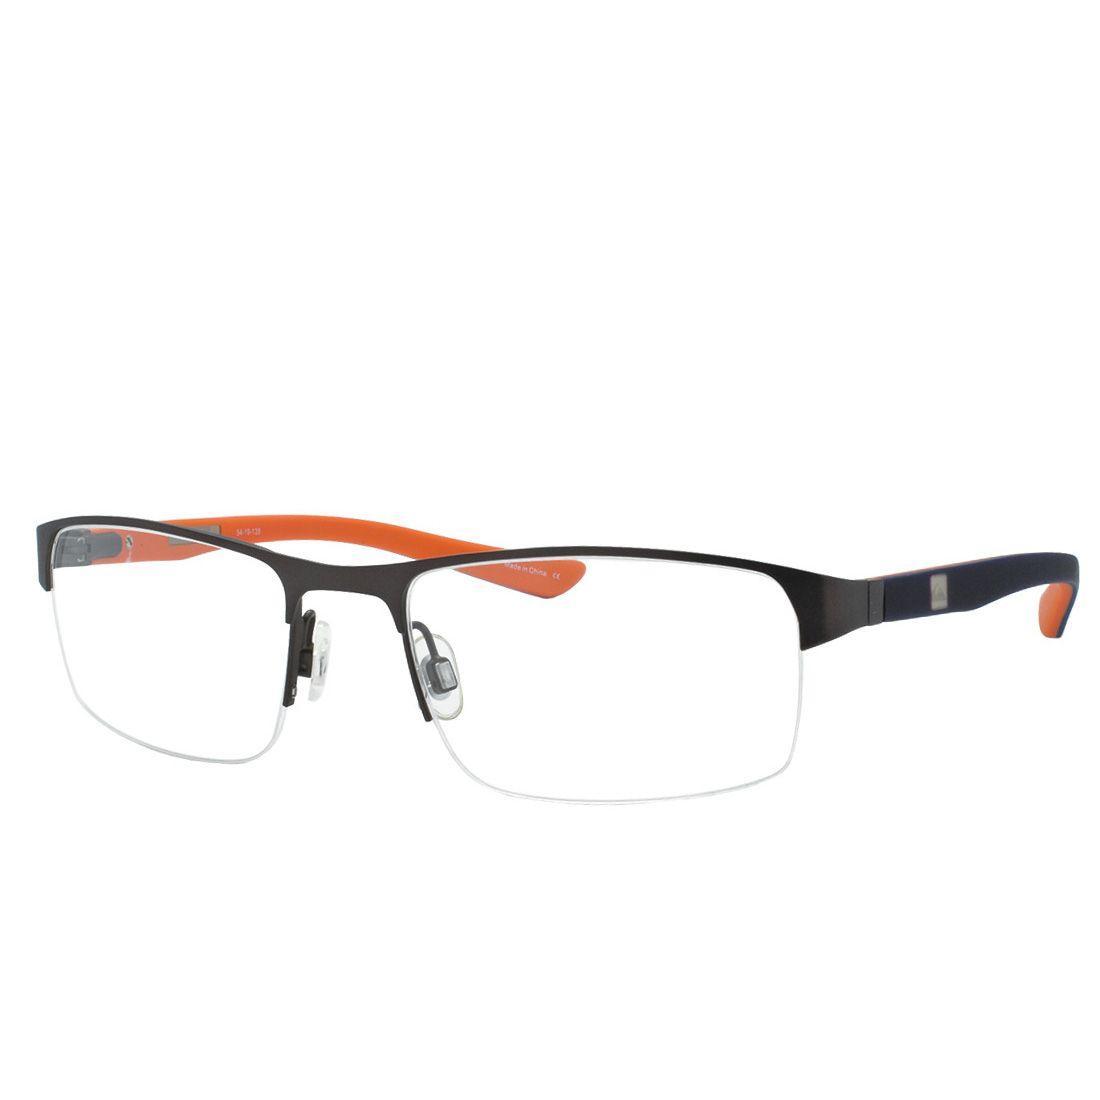 7c60e821114d5 Óculos de Grau Quiksilver Masculino EQMEG00002 GUN - Fio de Nylon Laranja e  Azul Produto não disponível